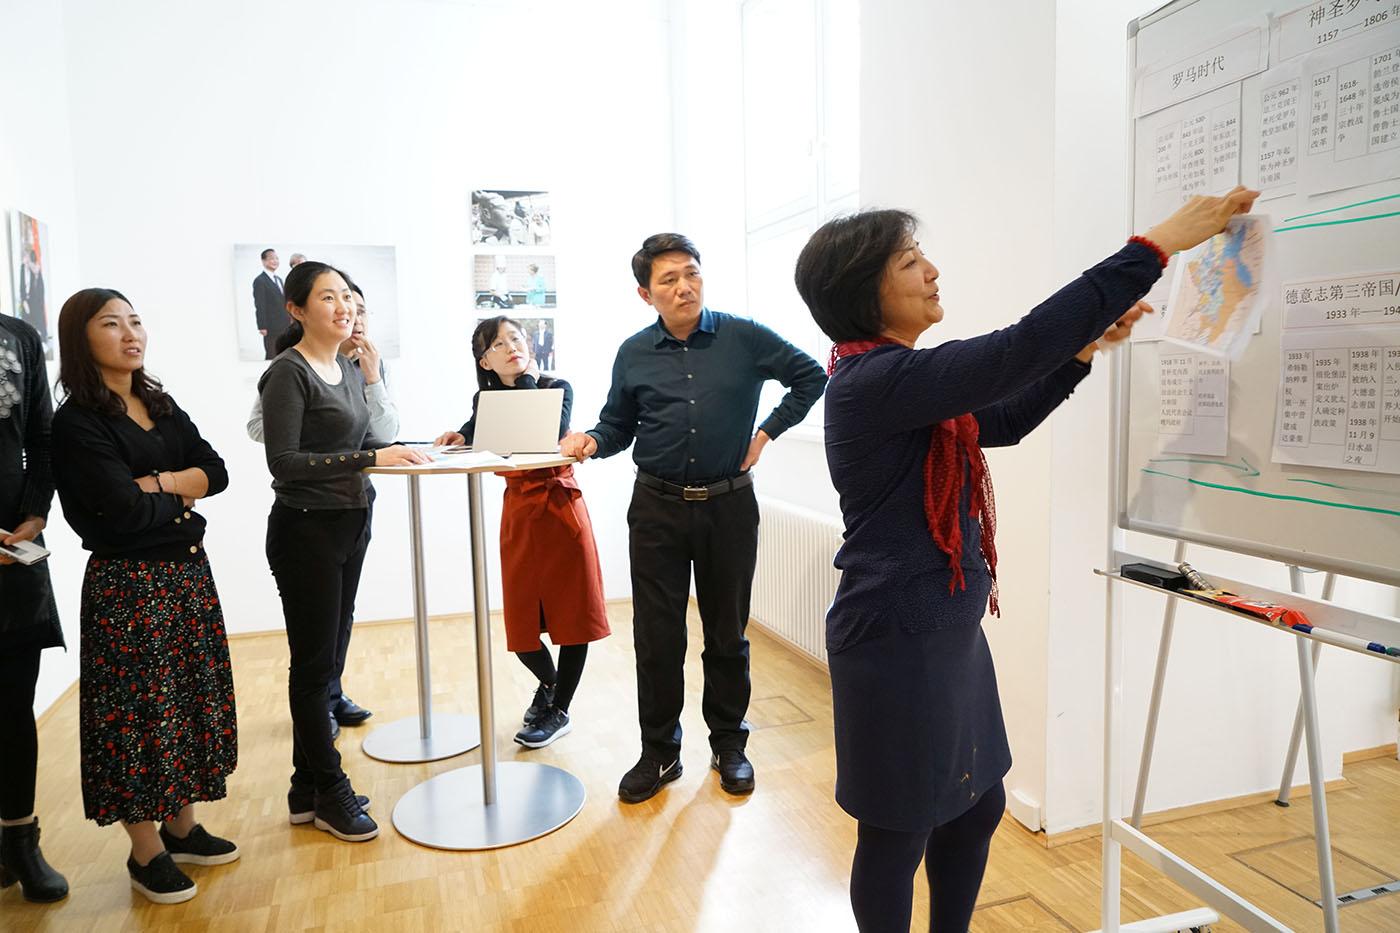 Bildungsbrücke - Für Pädagogen – 对教育工作者而言 Chinesische Schüler*innen und Studierende sind ein fester Bestandteil der deutschen Bildungslandschaft geworden.